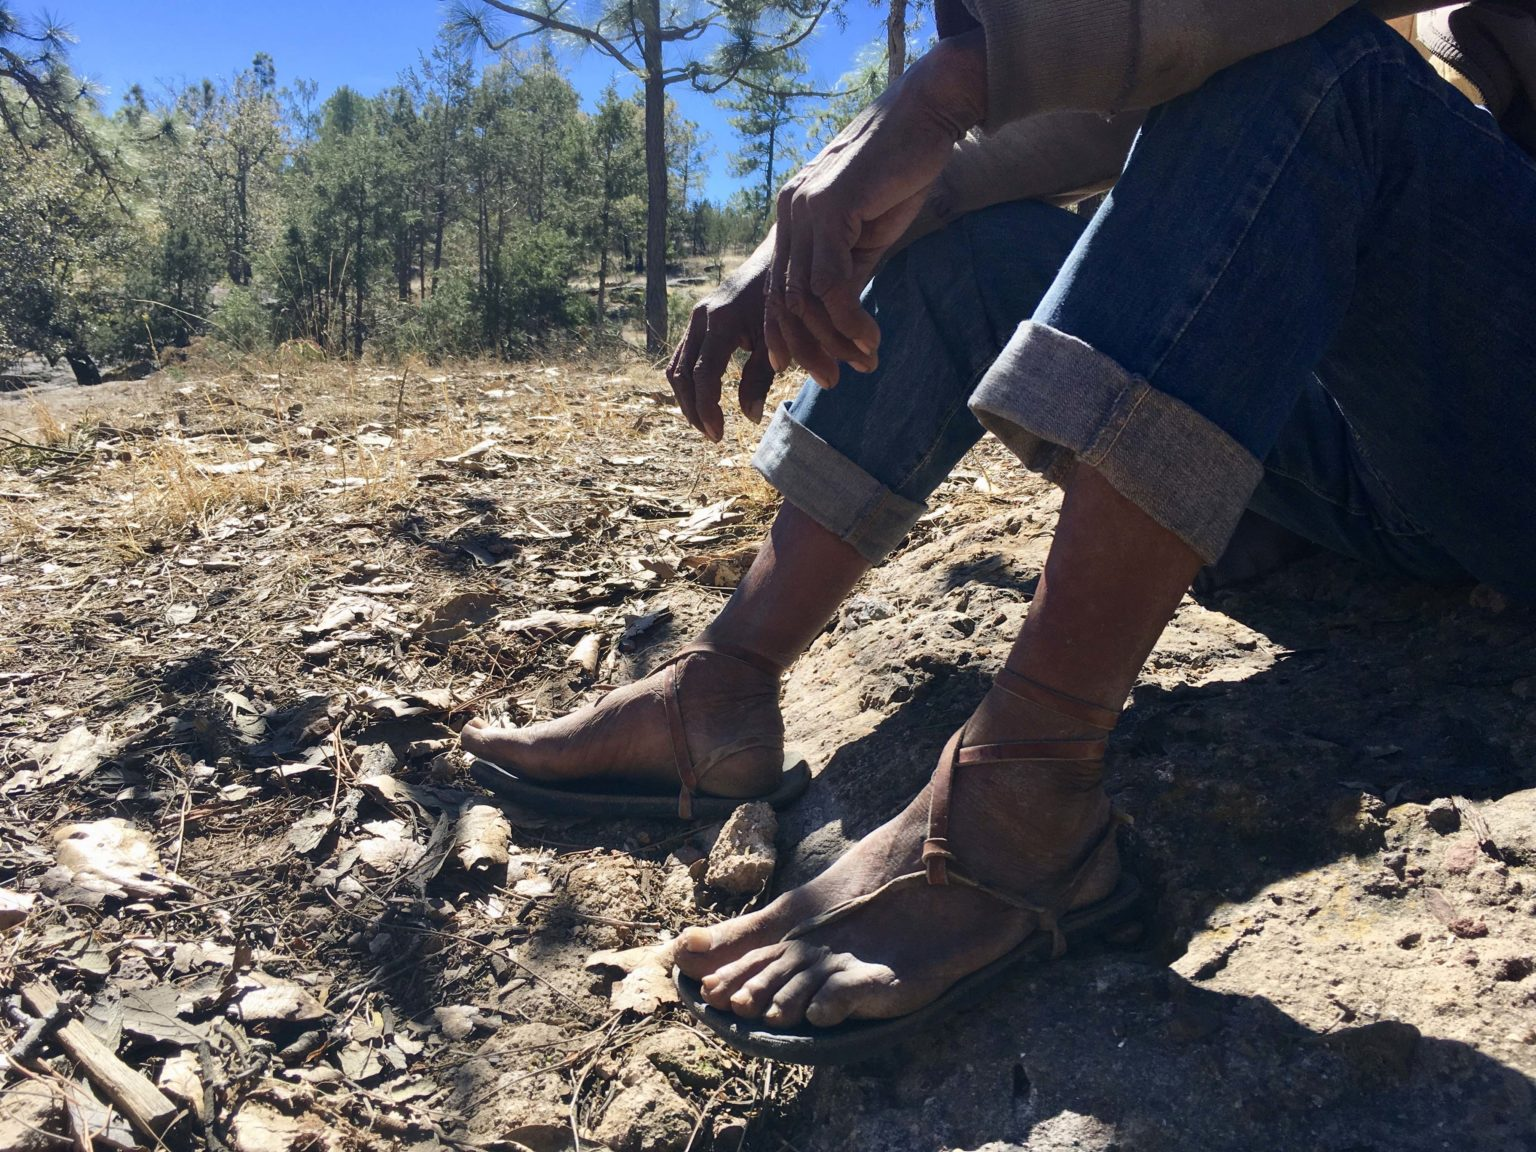 Desplazamiento forzado en la Tarahumara: obligados a dejar su comunidad y su bosque (Chihuahua)